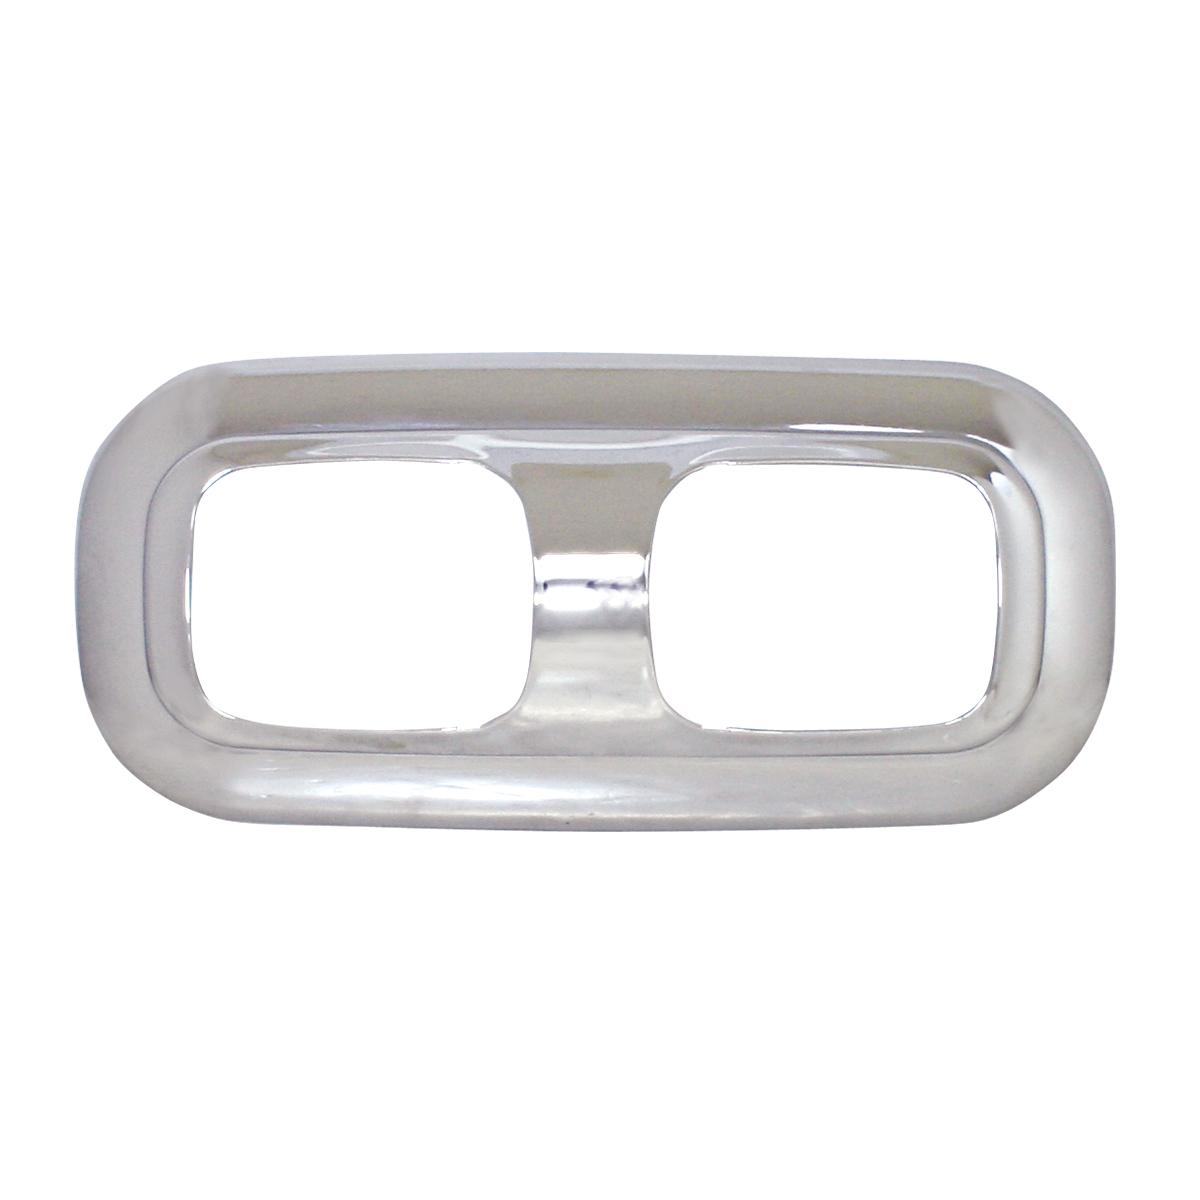 52019 Dual Dome Light Trim Cover for Peterbilt